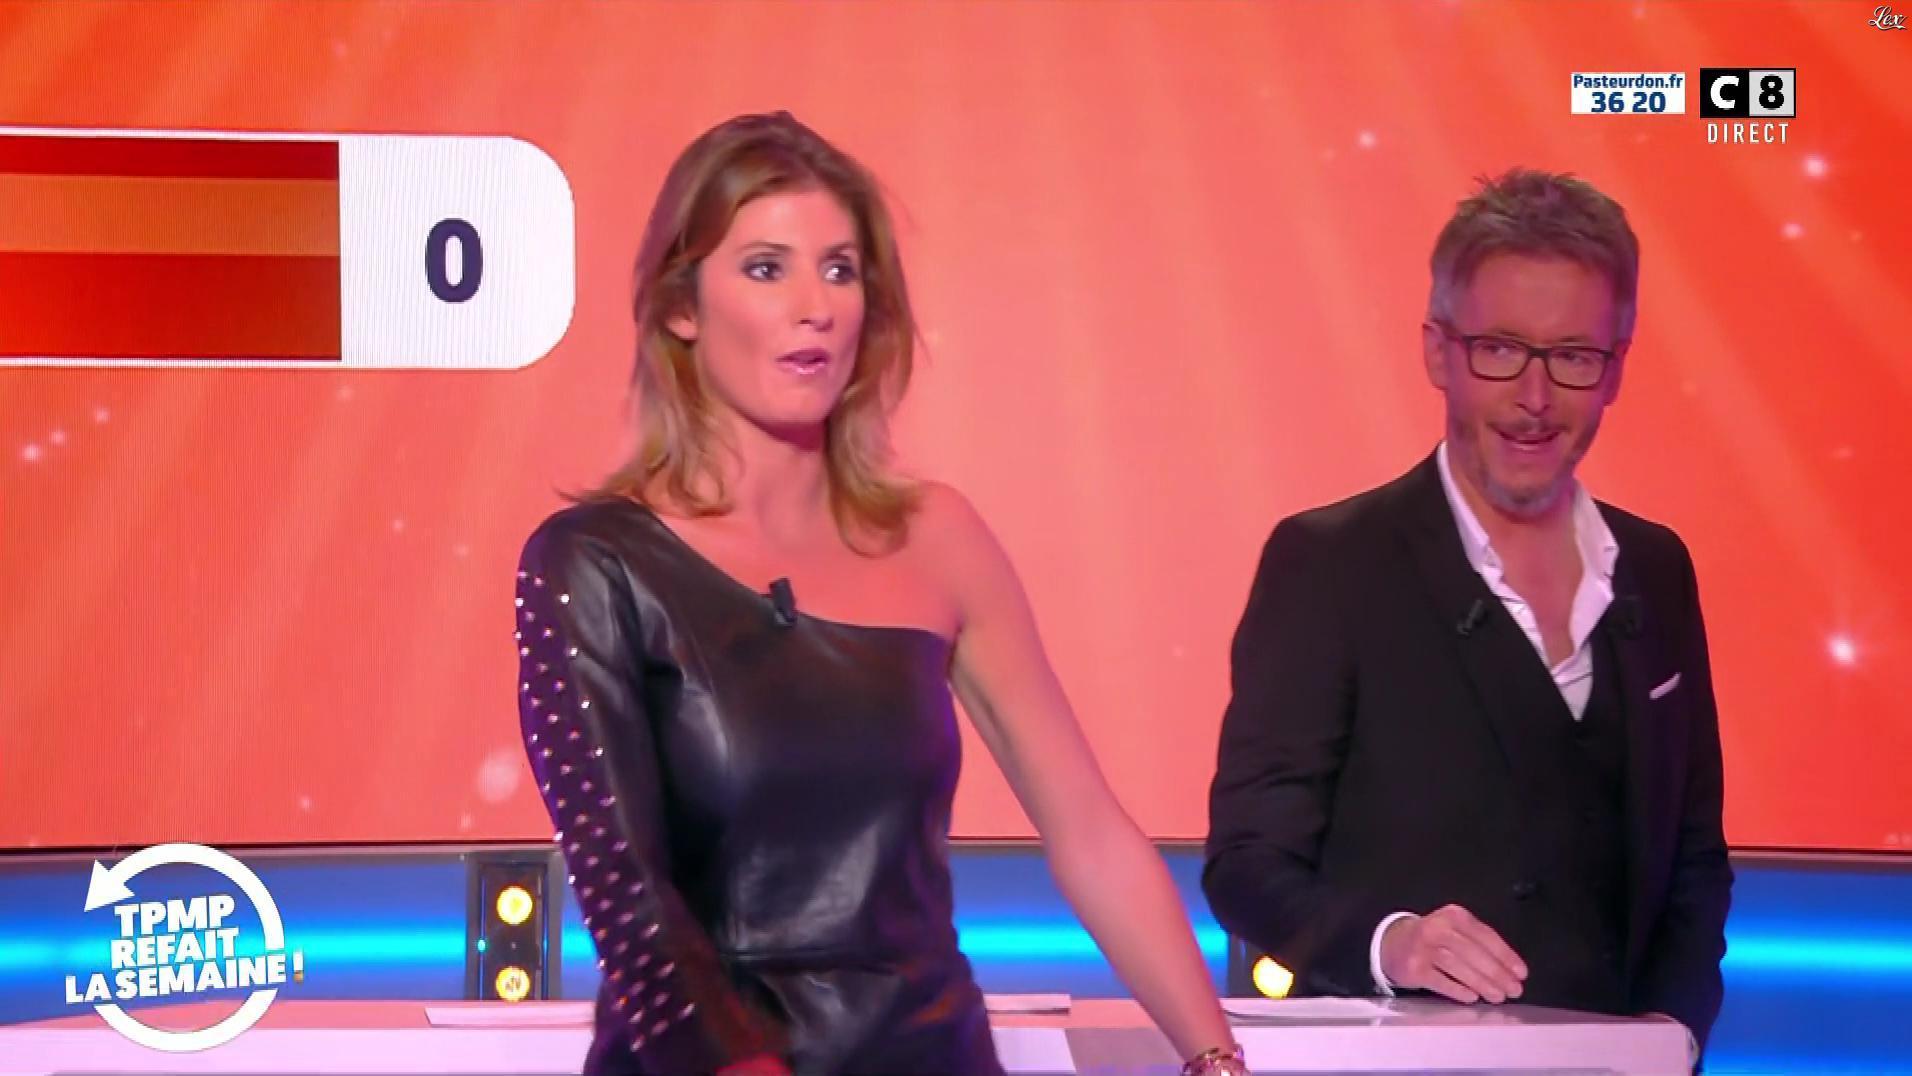 Caroline Ithurbide dans TPMP Refait la Semaine. Diffusé à la télévision le 12/10/18.